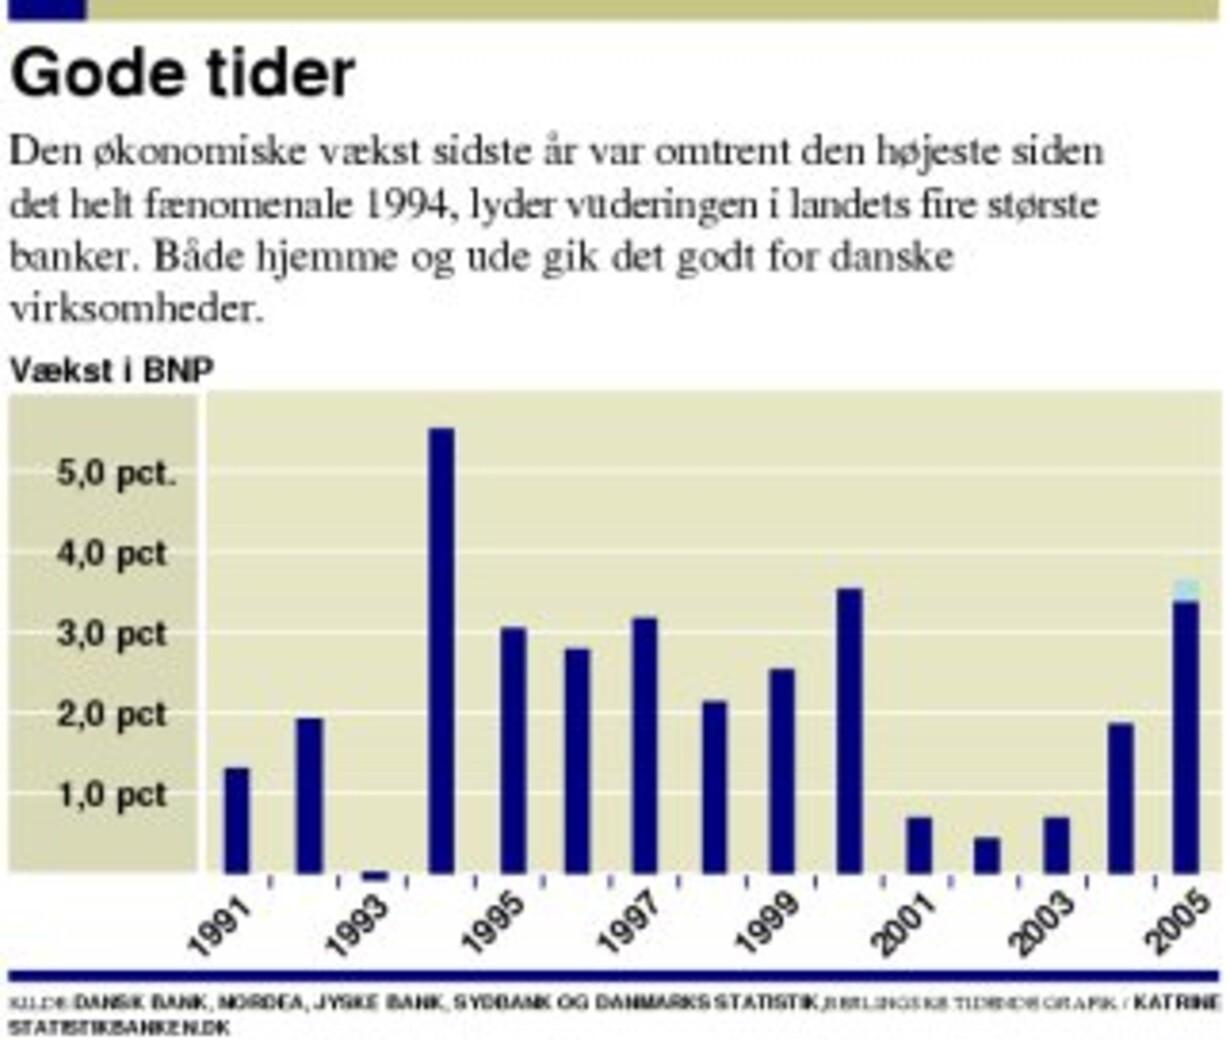 cde62dc2 Alt går ufatteligt godt for Danmarks økonomi